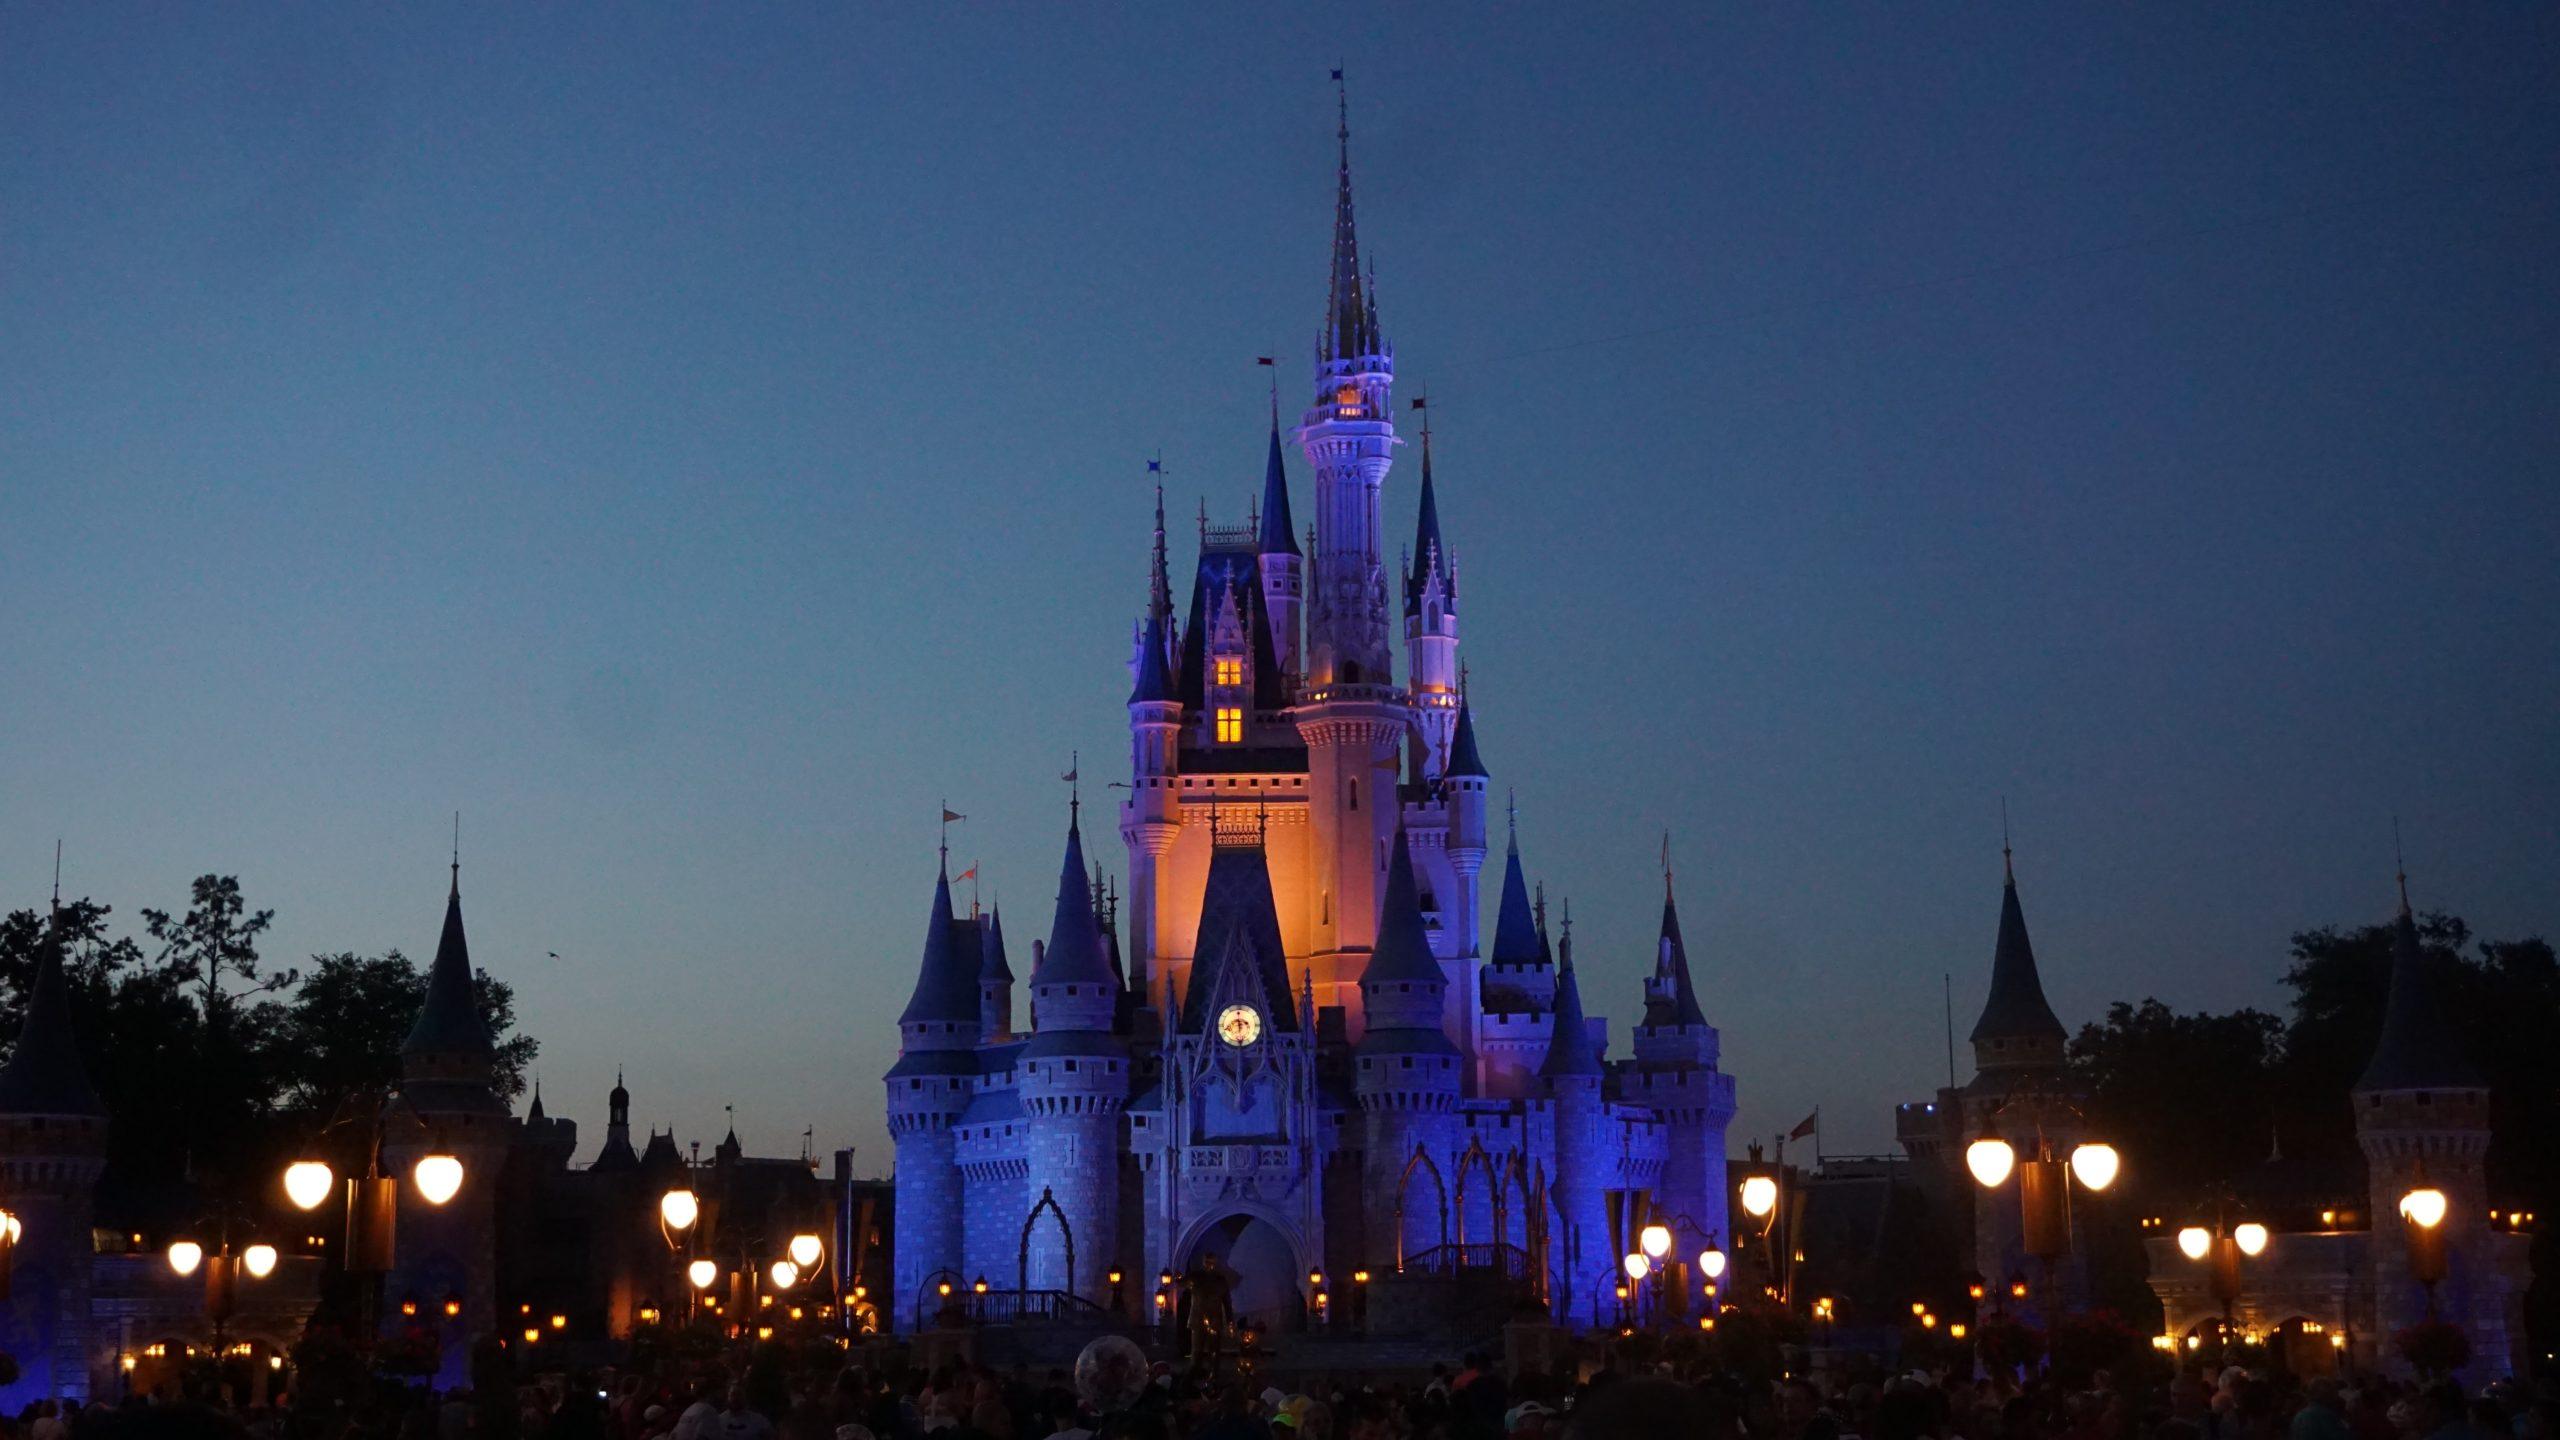 ディズニープラス(Disney+)とは何口コミや特徴は13の動画配信サービス利用経験をもとに2つのデメリットと5つのメリットを解説!